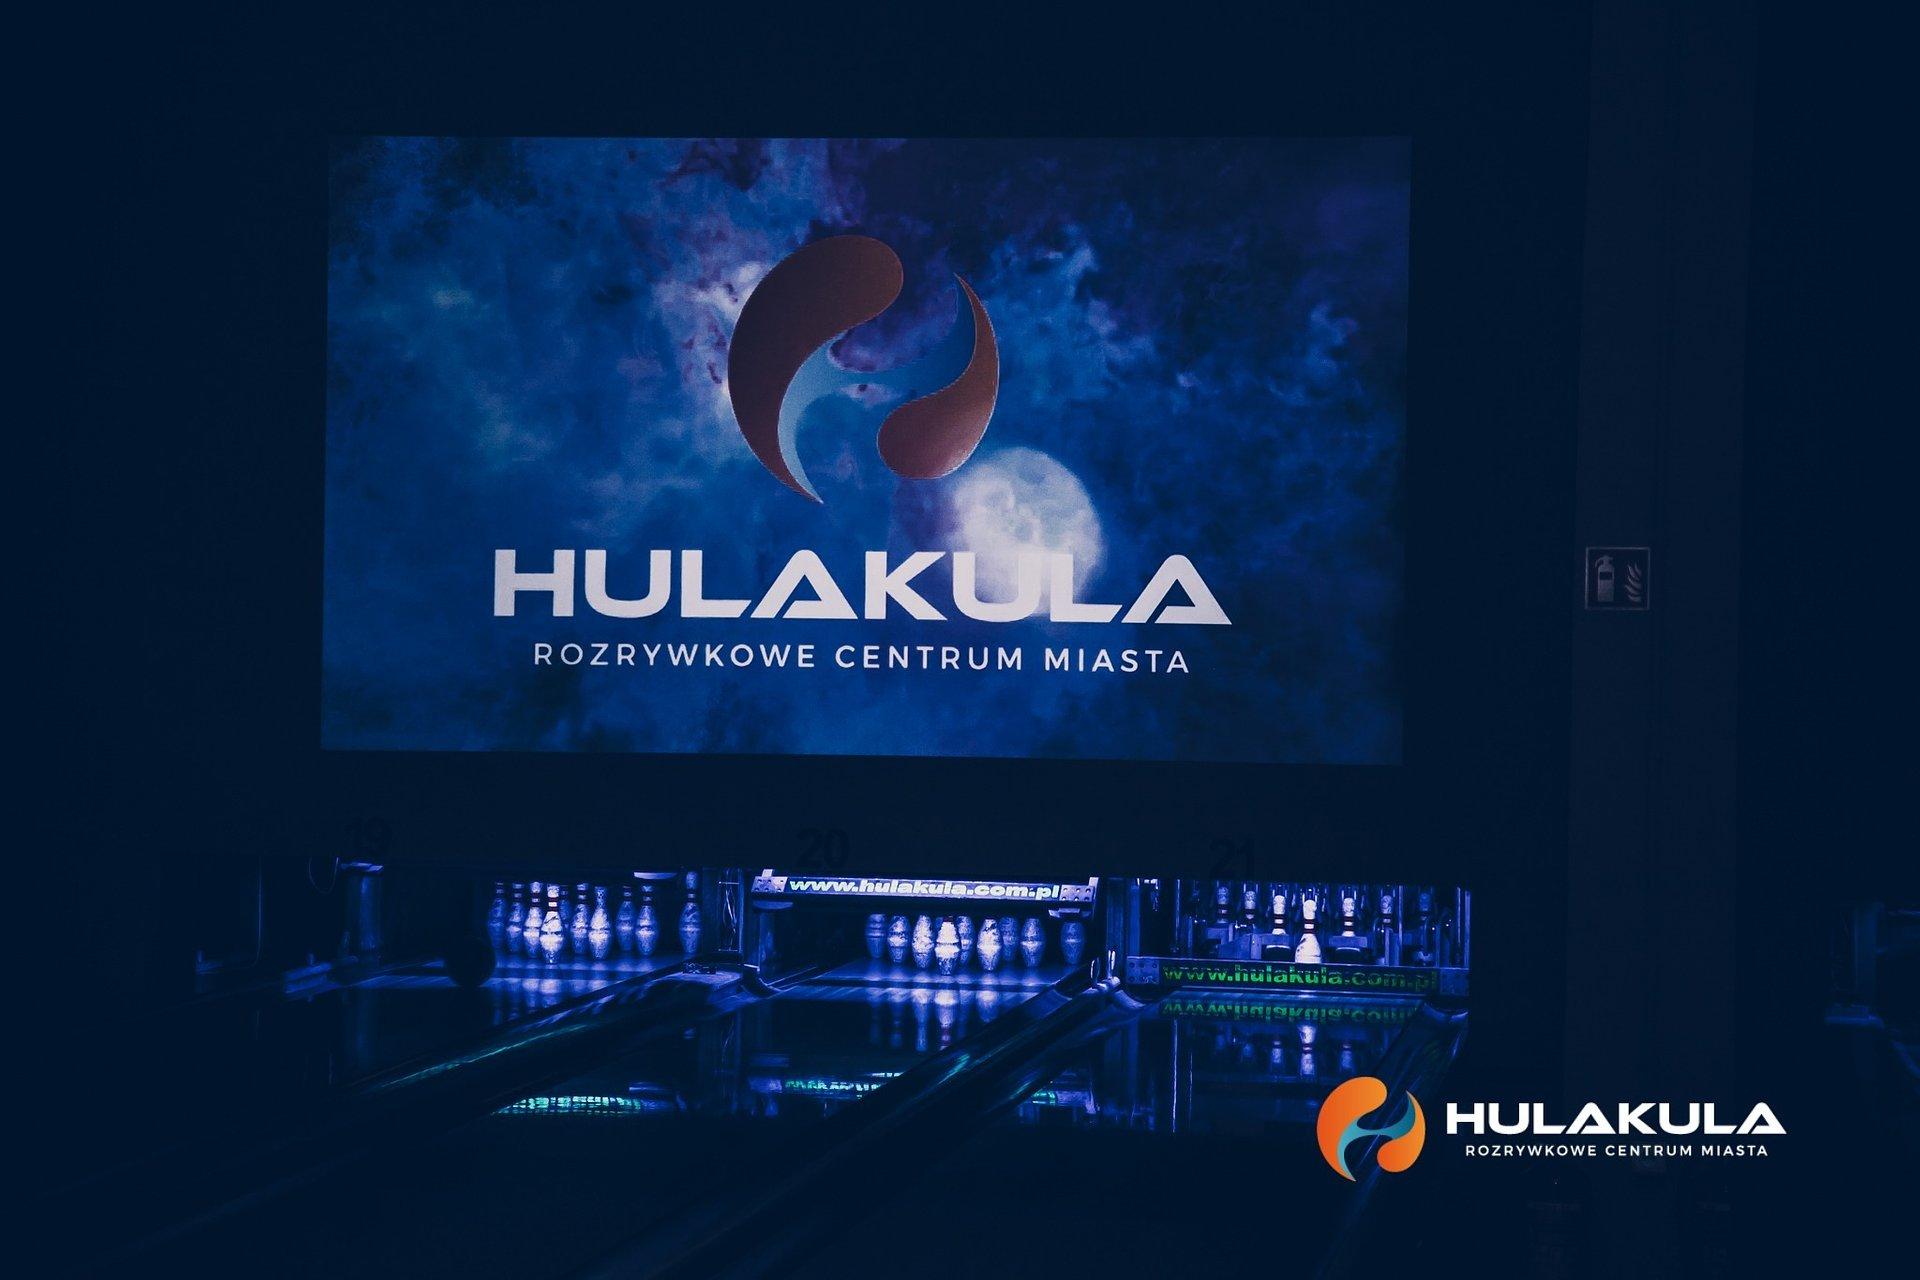 Znamy datę otwarcia Hulakula! Centrum rozrywki na Jagiellońskiej zaprasza już od 15 czerwca